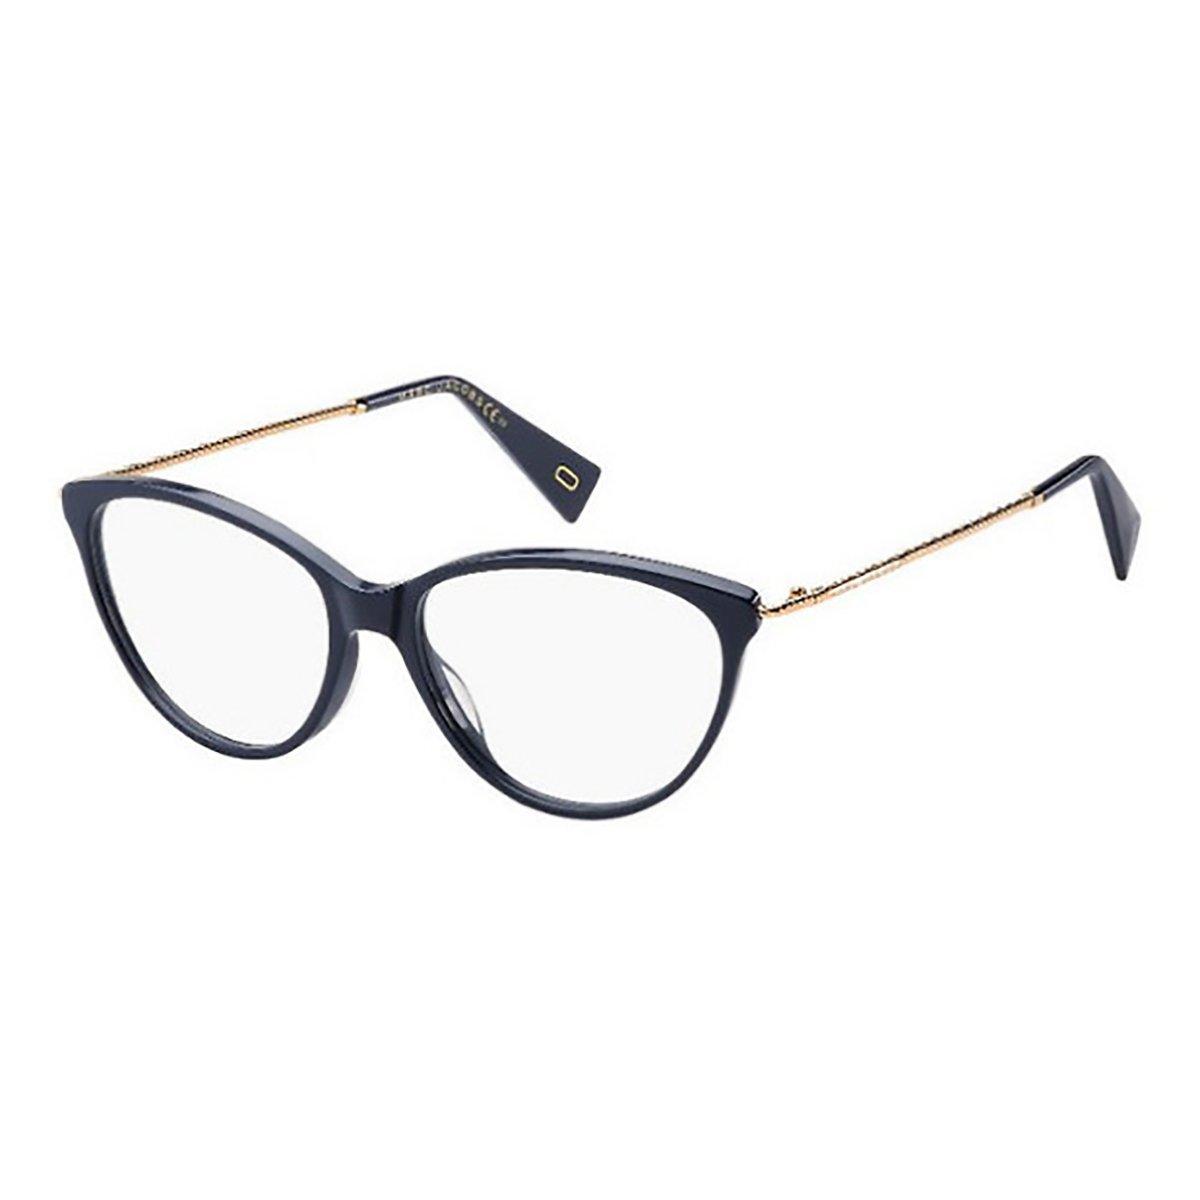 078dd745d982e Compre Óculos de Grau Marc Jacobs em 10X